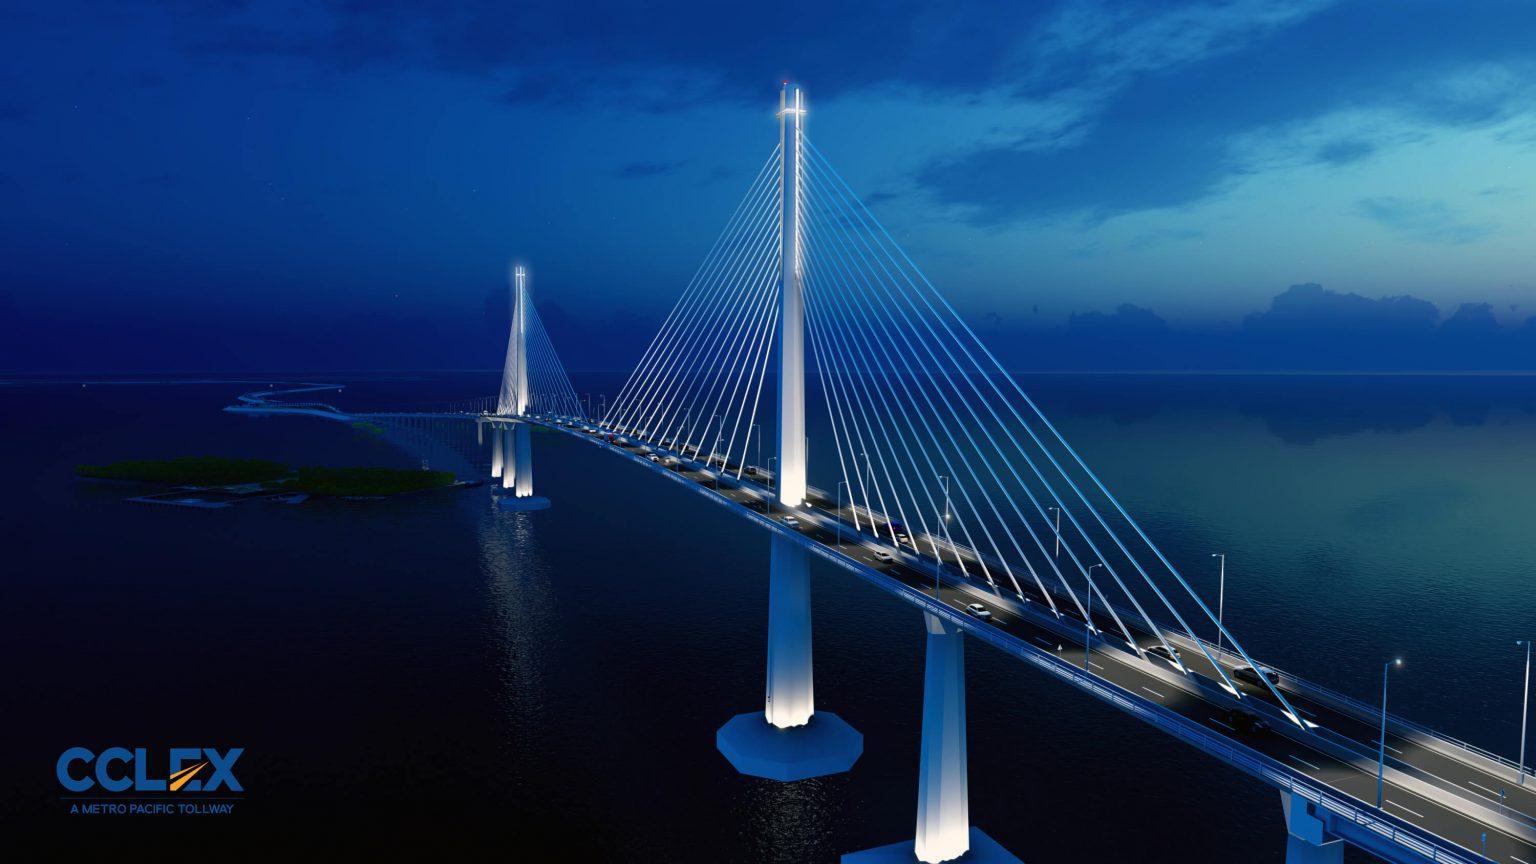 Cebu - Mactan Bridge (Cebu - Cordova Link Expressway) | Longest Bridge in the Philippines